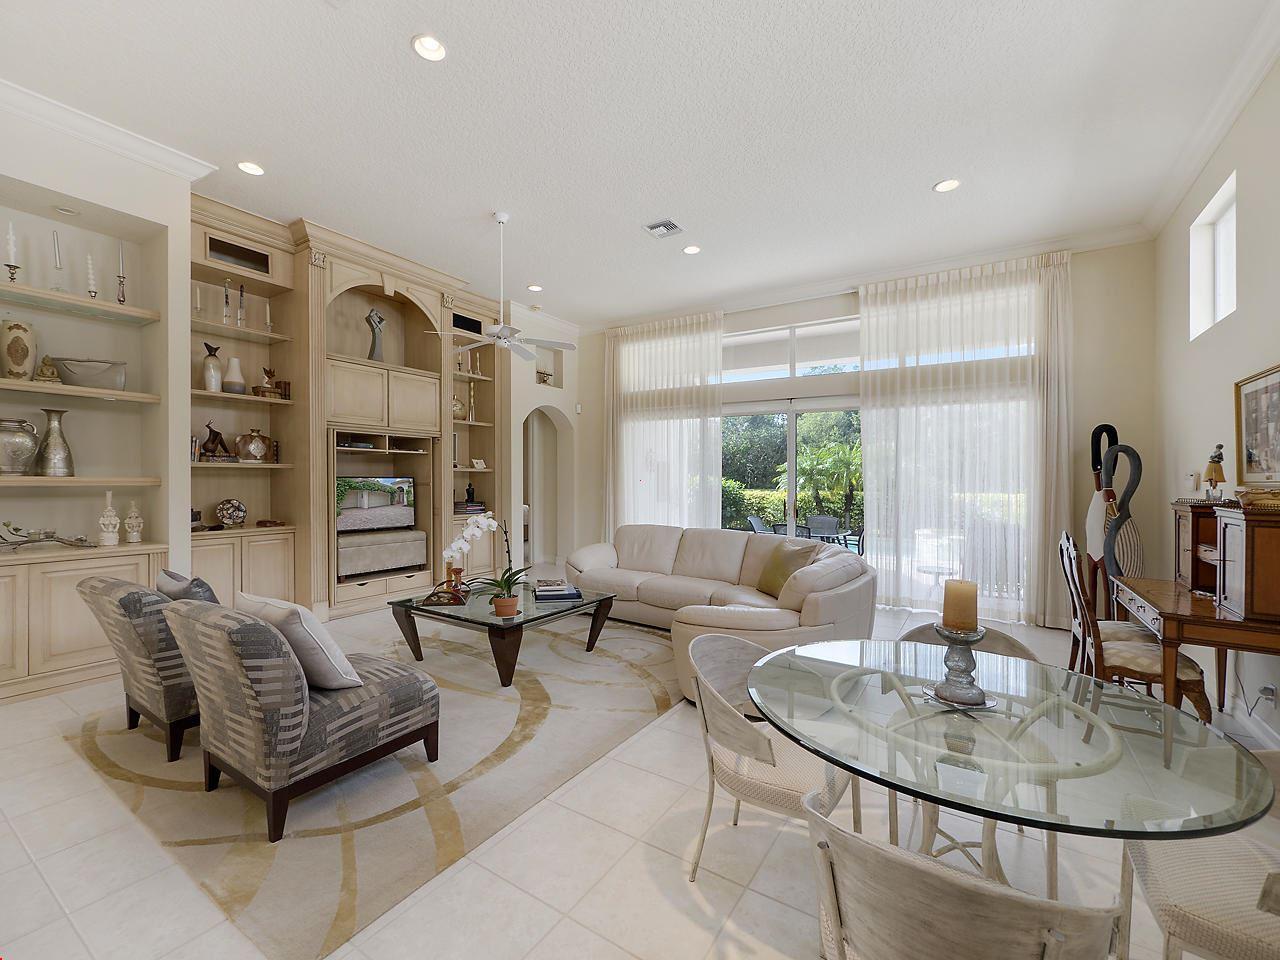 Photo of 50 Laguna Terrace, Palm Beach Gardens, FL 33418 (MLS # RX-10663859)